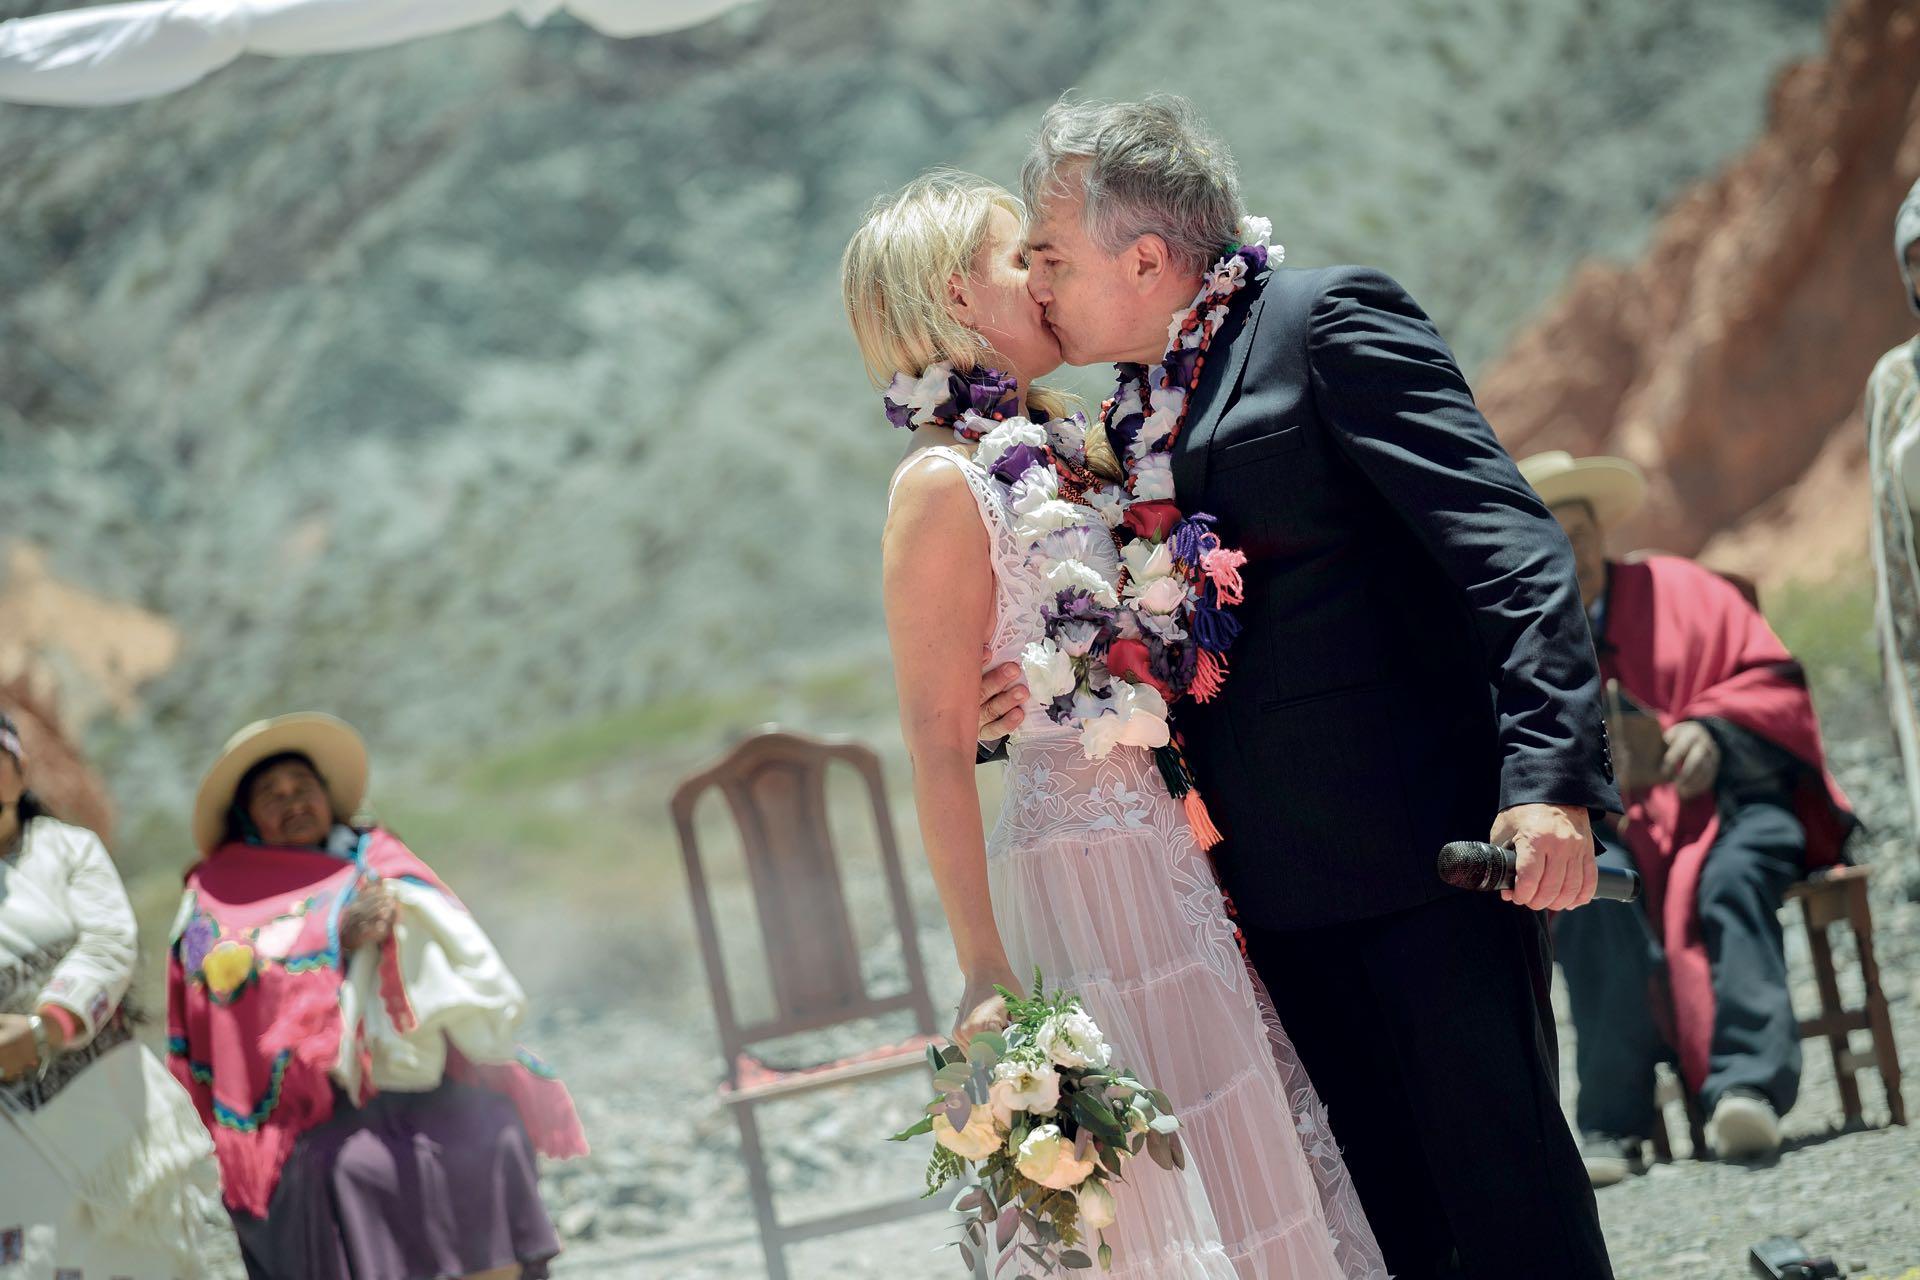 Todo concluyó con un beso.